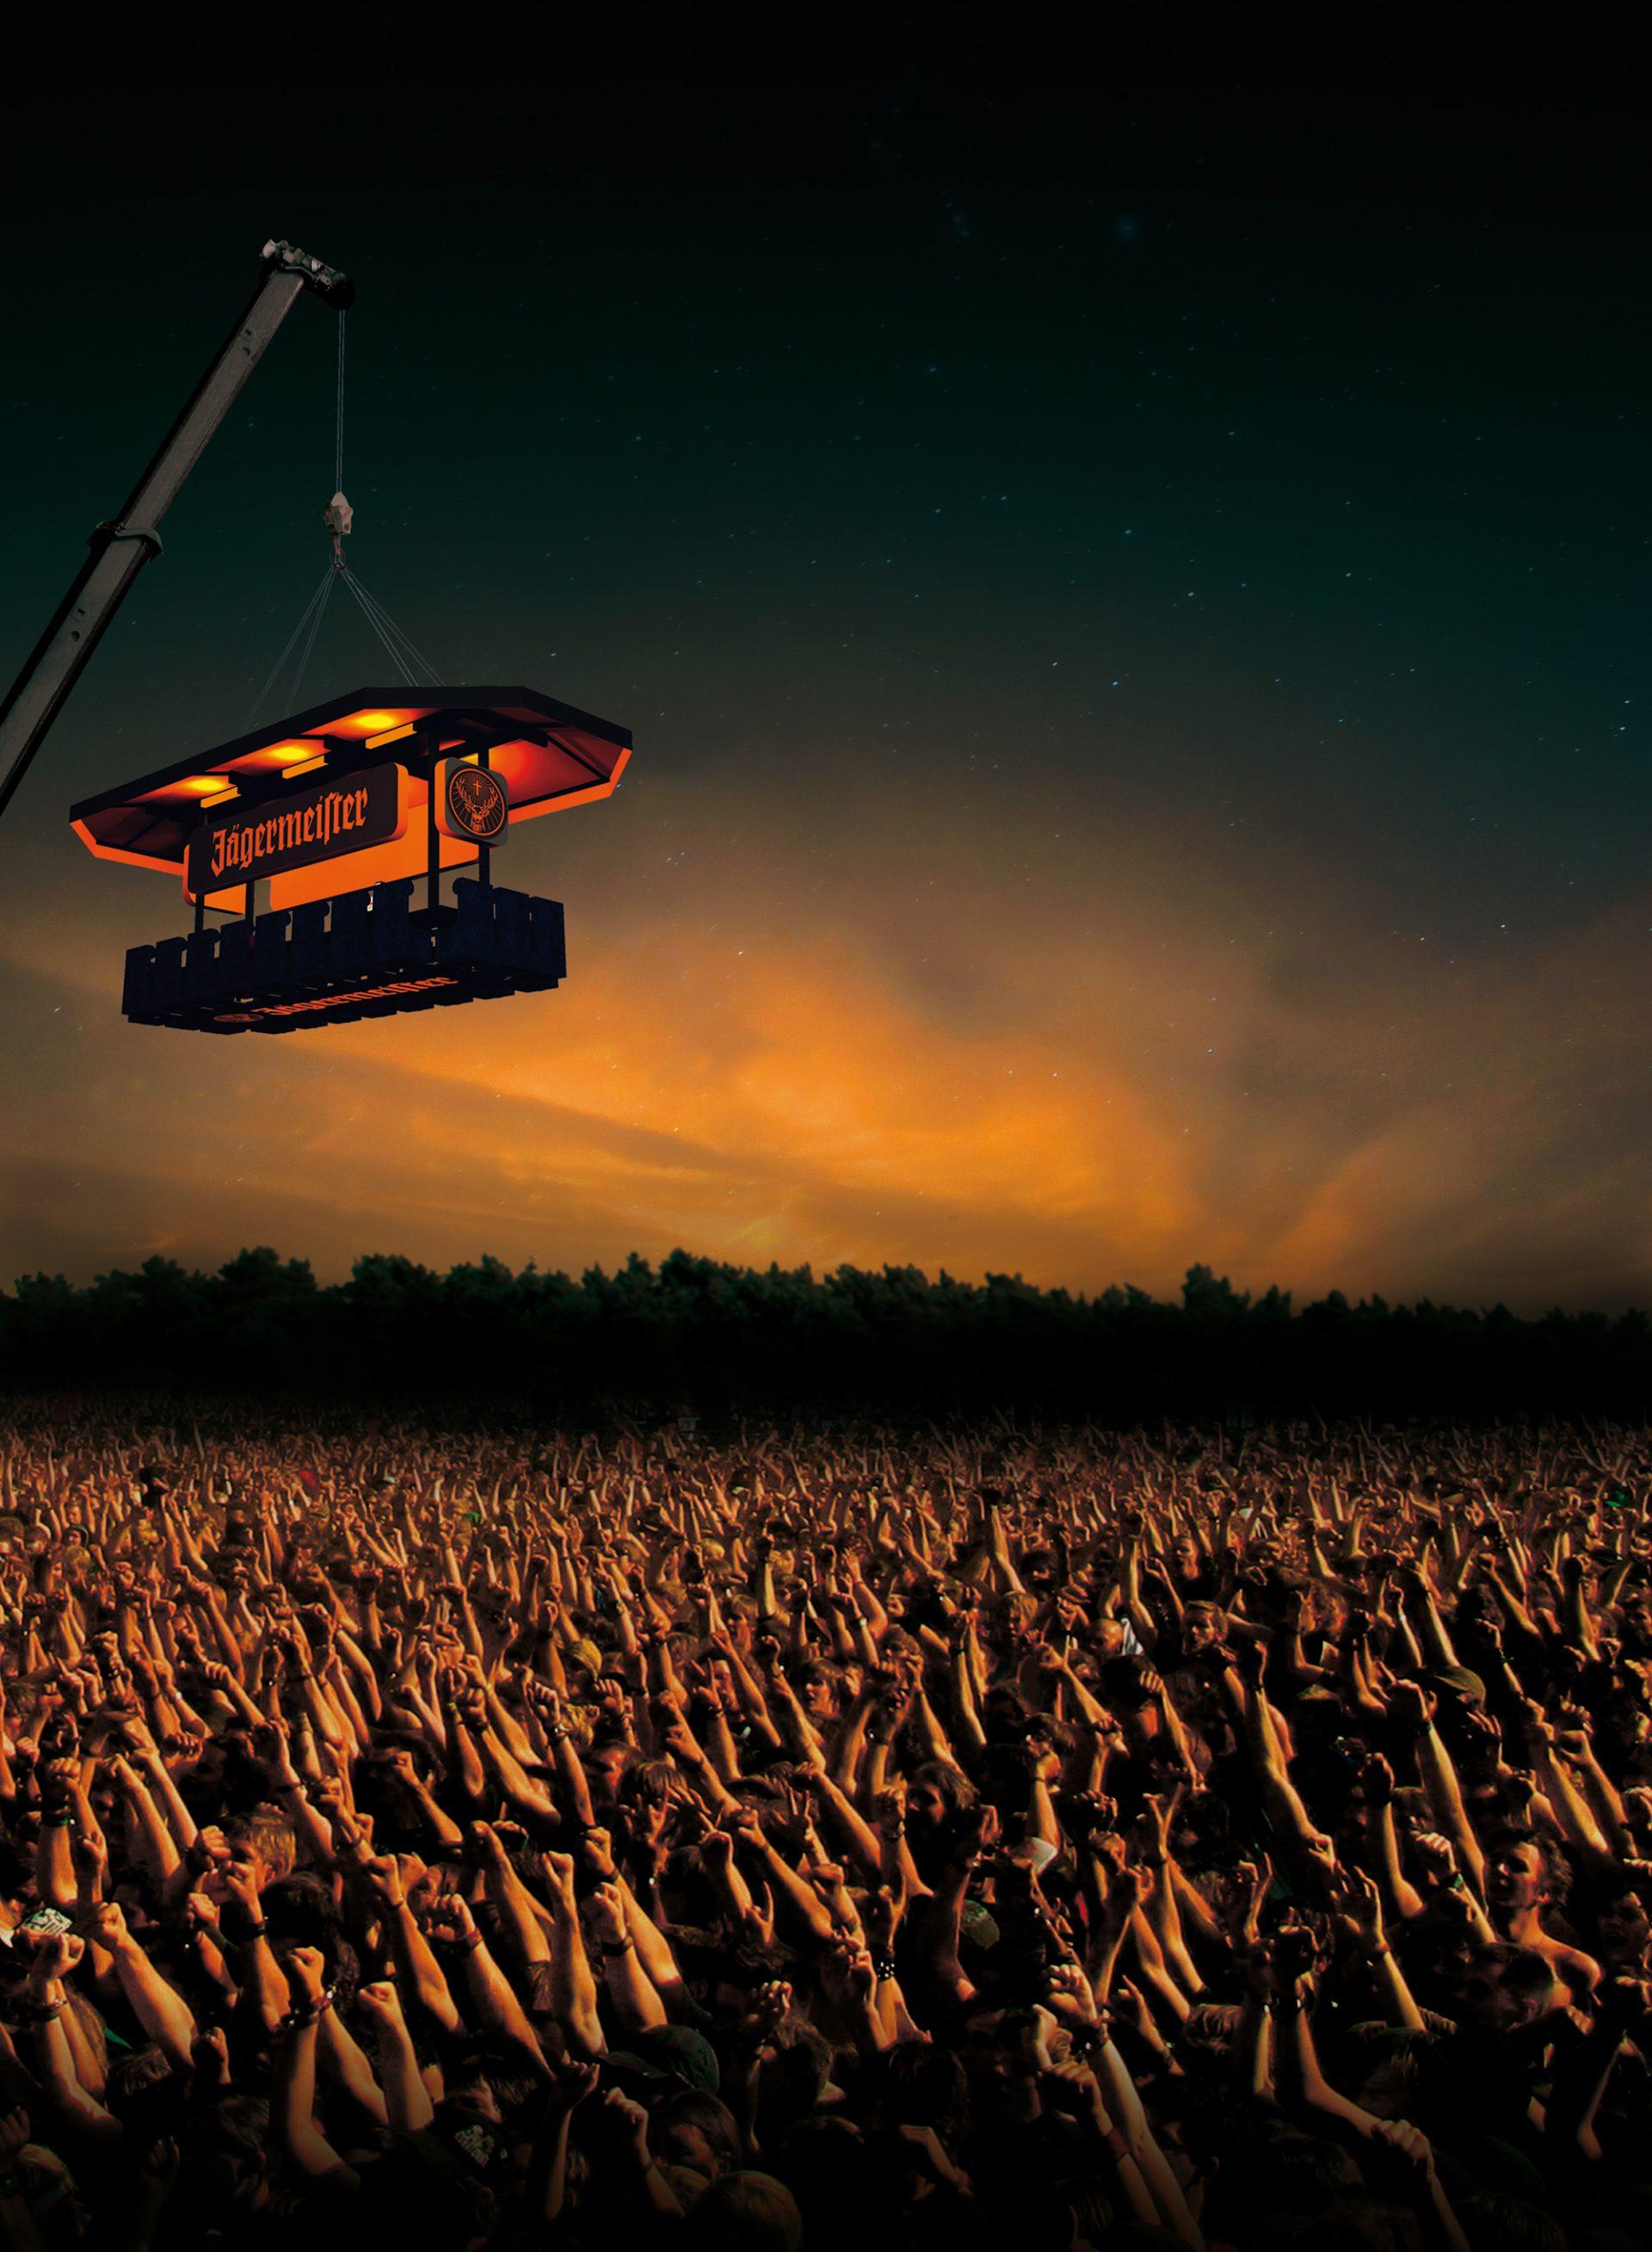 Orange leuchtende Floating Bar von Jägermeister bei einem Open Air Konzert im Brand Design von Realgestalt